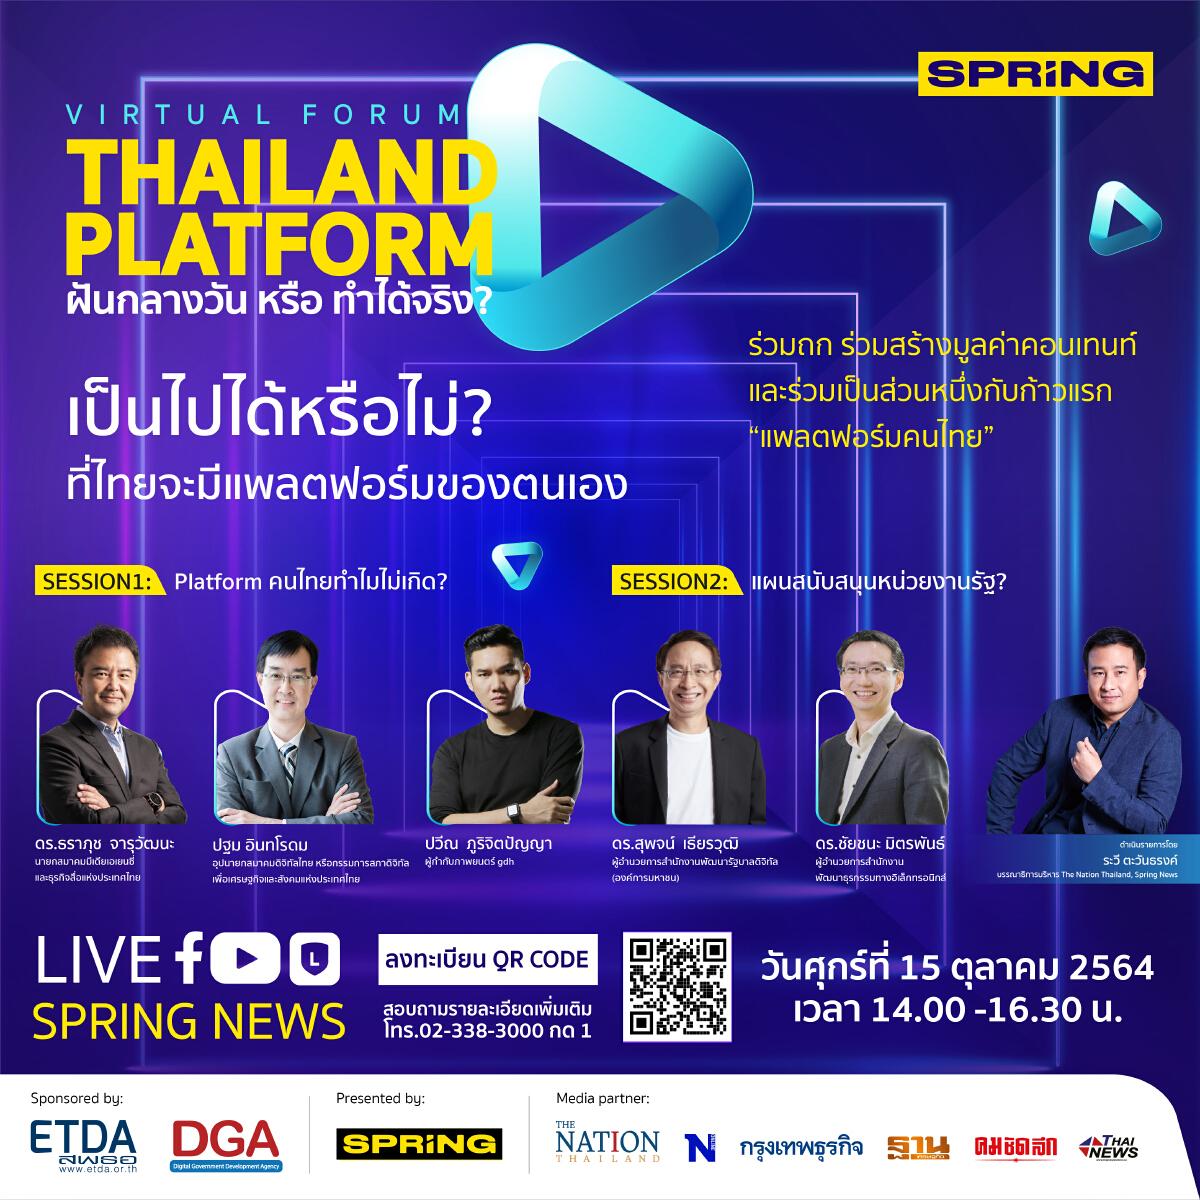 สัมมนาออนไลน์ Thailand Platform